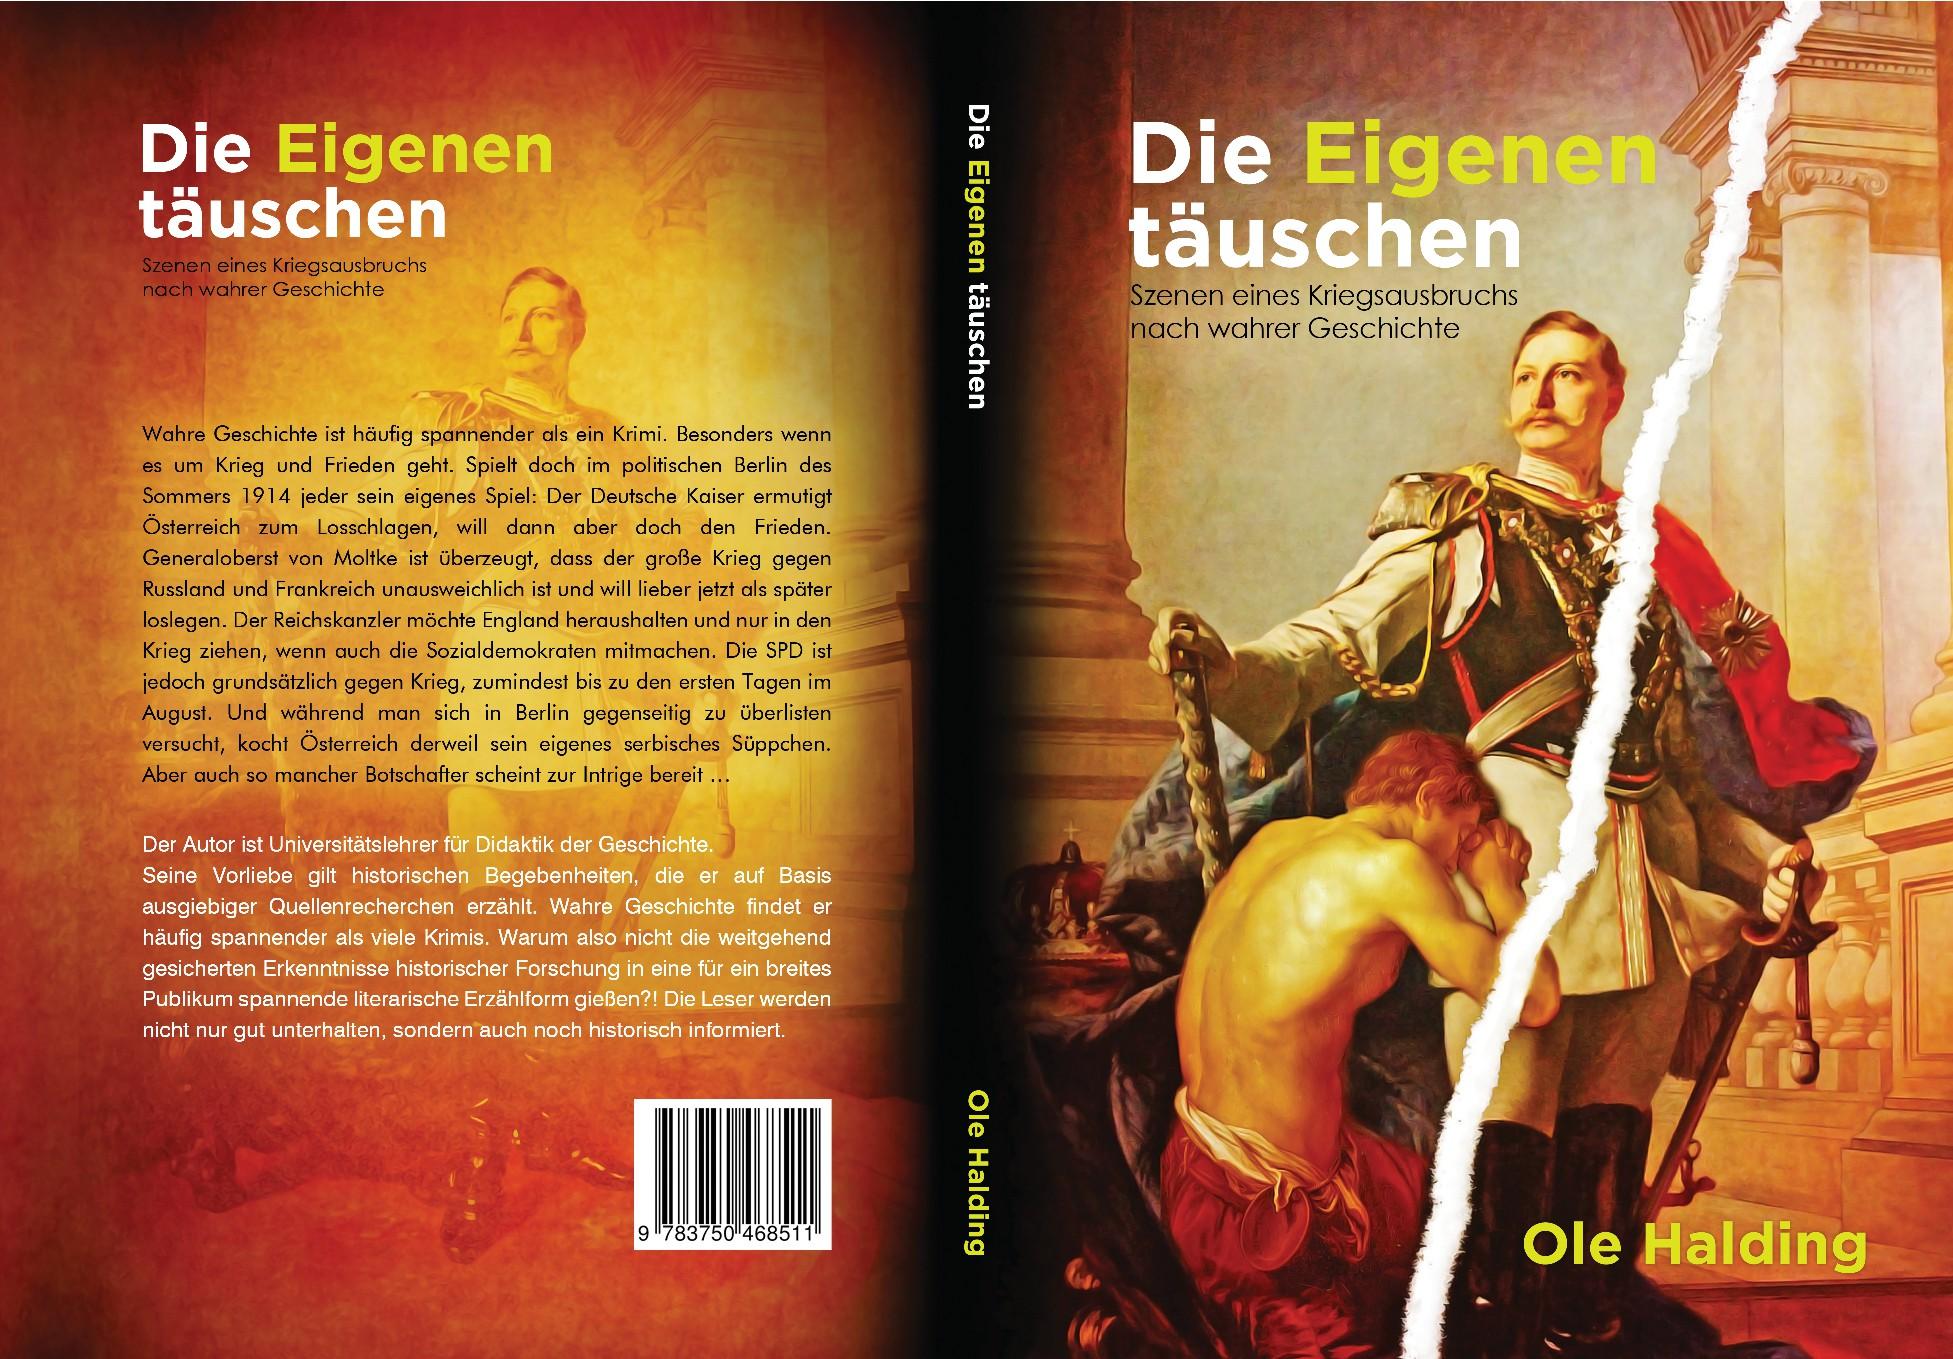 """Taschenbuchcover """"Die Eigenen täuschen"""". Wie Täuschung und Intrige in den Ersten Weltkrieg führen"""